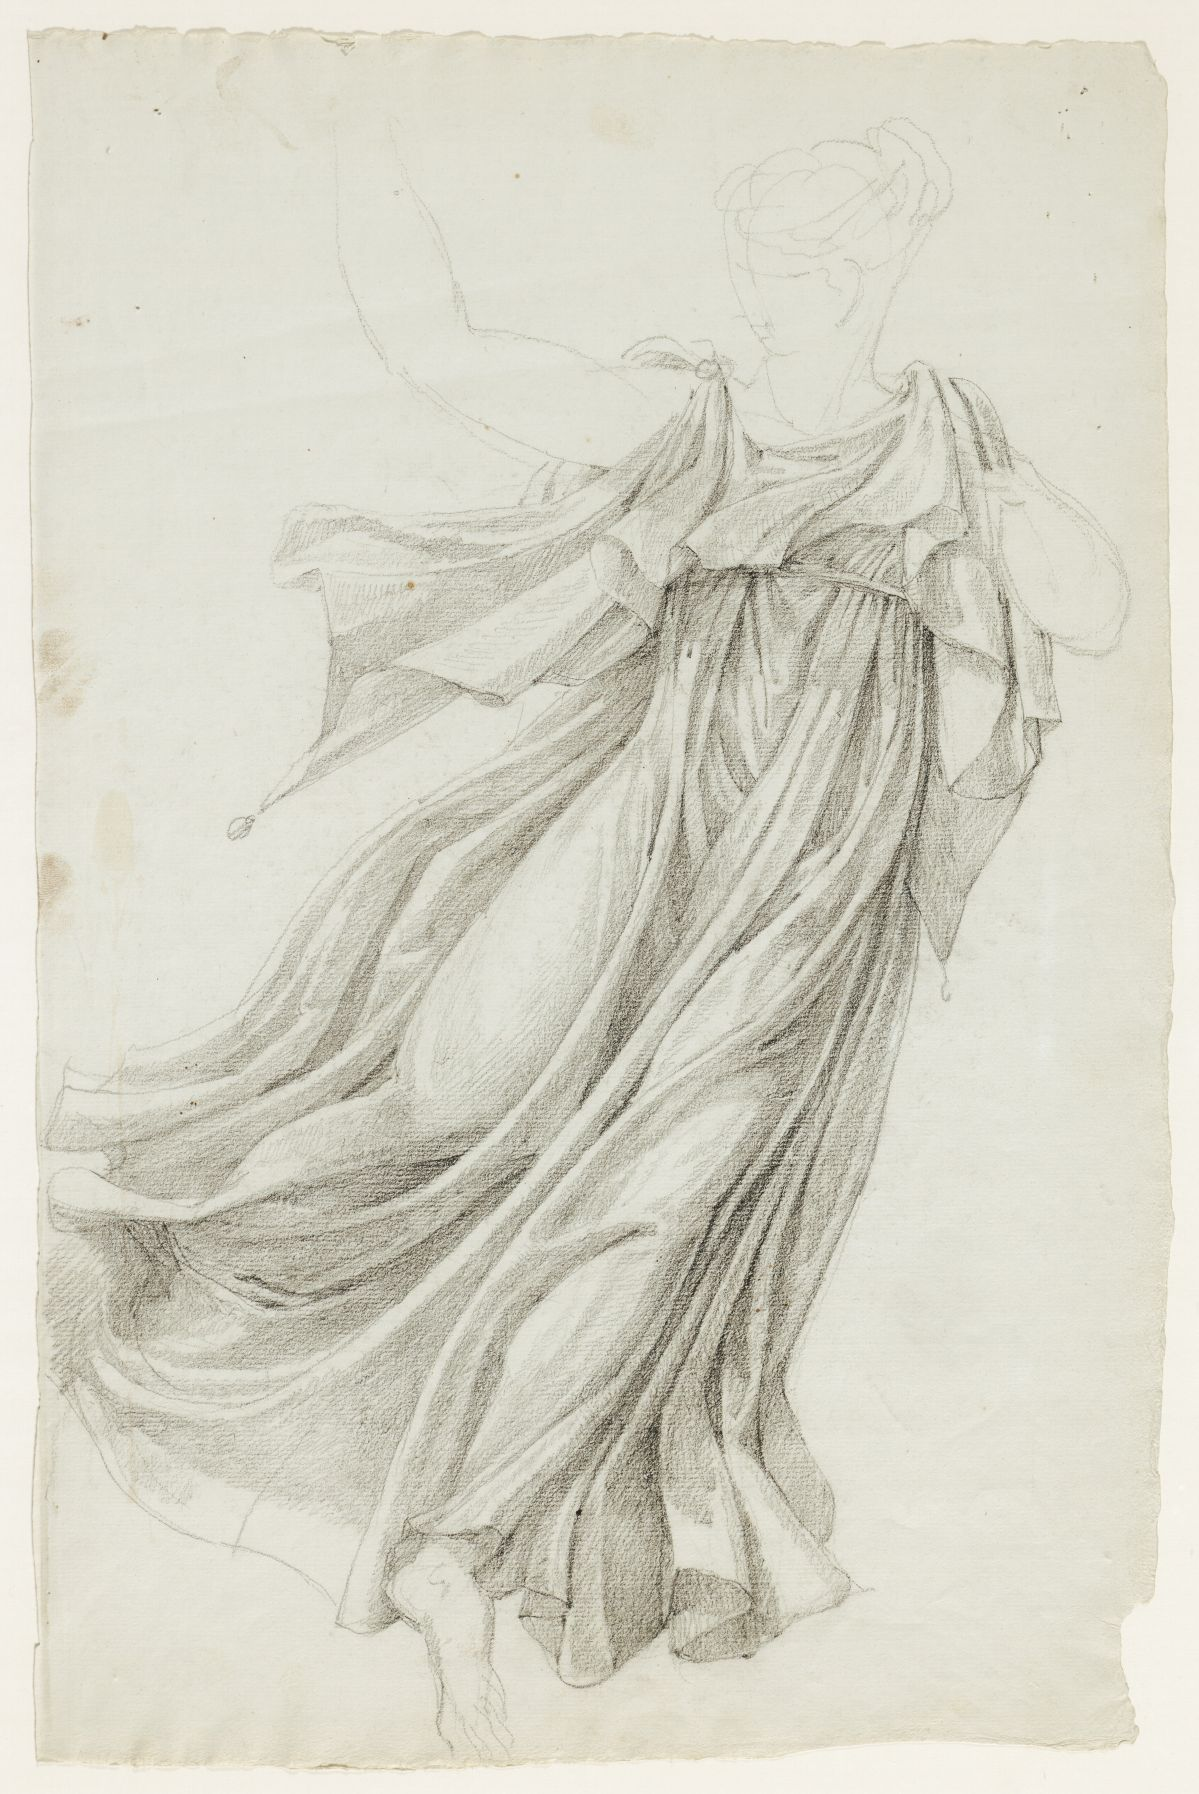 Jacques Réattu - Plafond du Grand-Théâtre de Marseille, étude de draperie pour une Muse Arles, 1819. pierre noire, rehaut de craie blanche. 59,5 x 46 cm